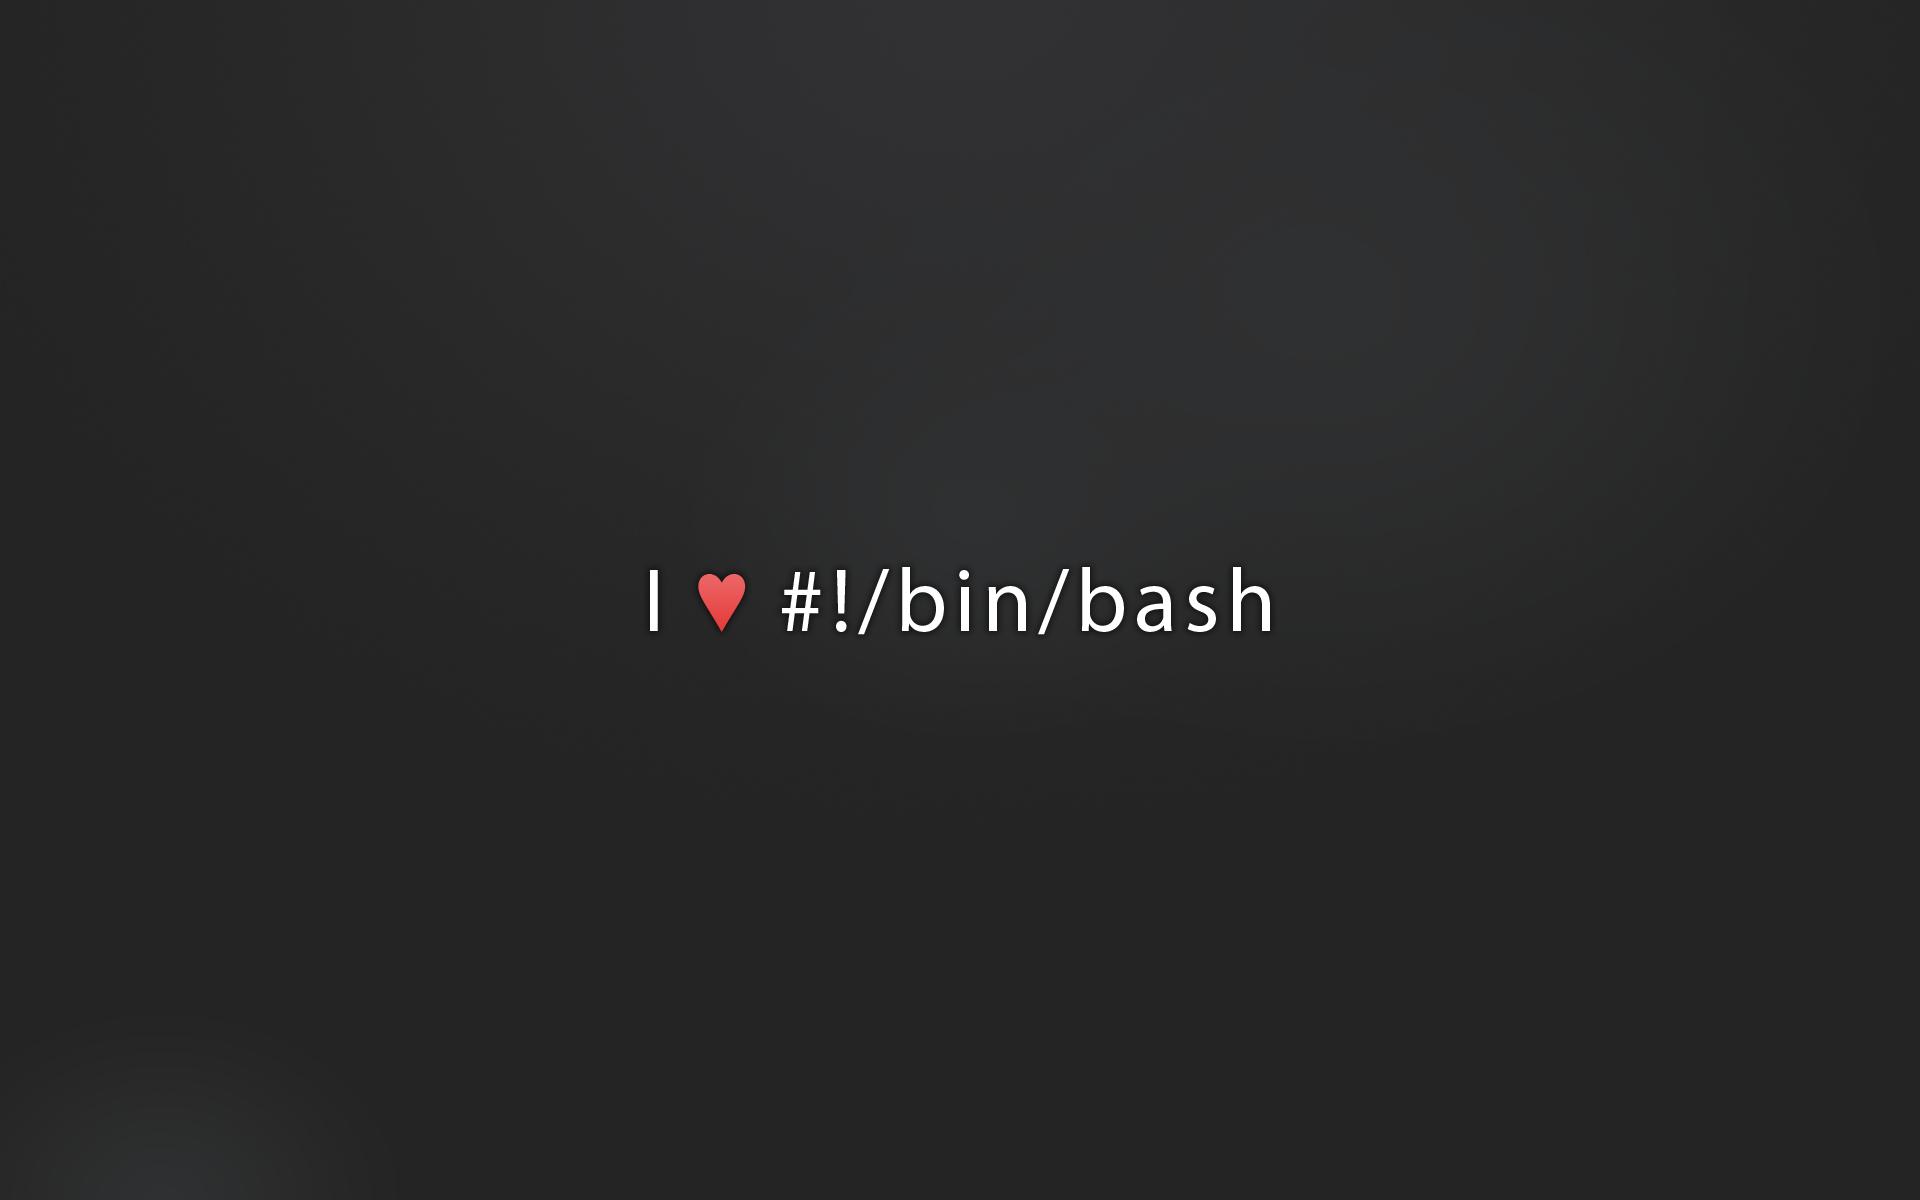 Love Wallpaper Java : Minimalistic geek programming unix technology gnu bash ...